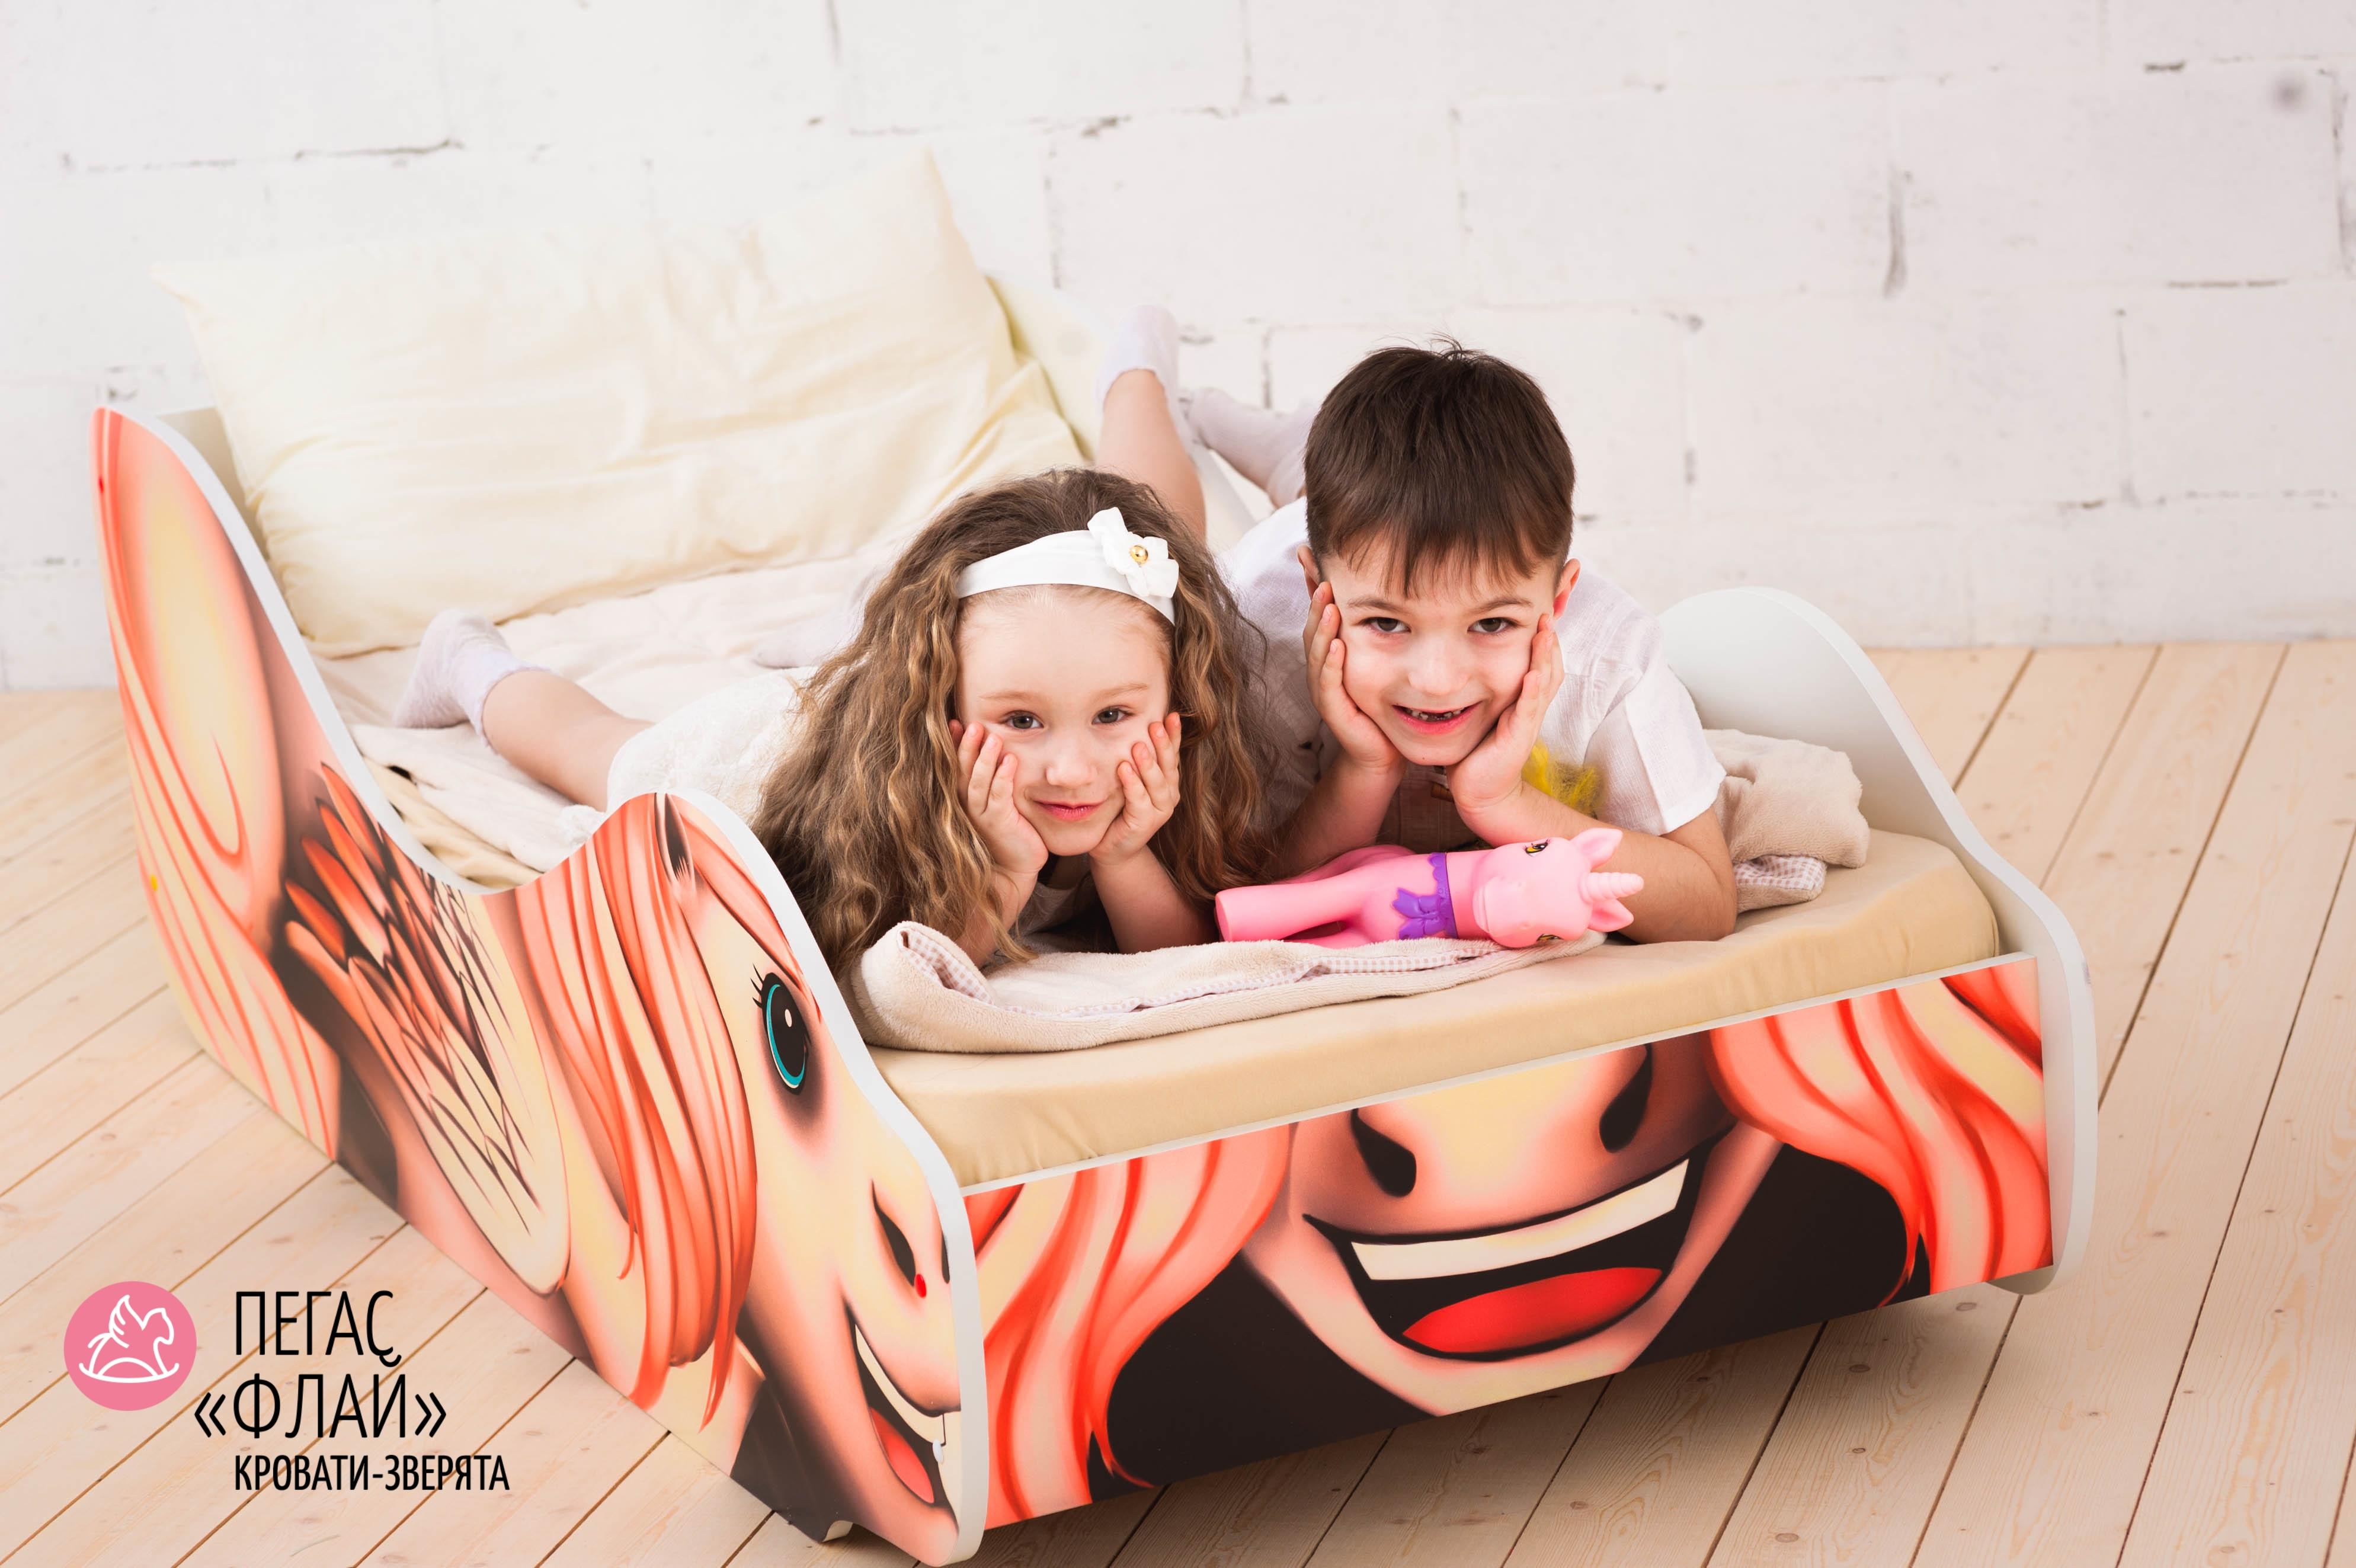 Детская кровать-зверенок -Пегас-Флай-8